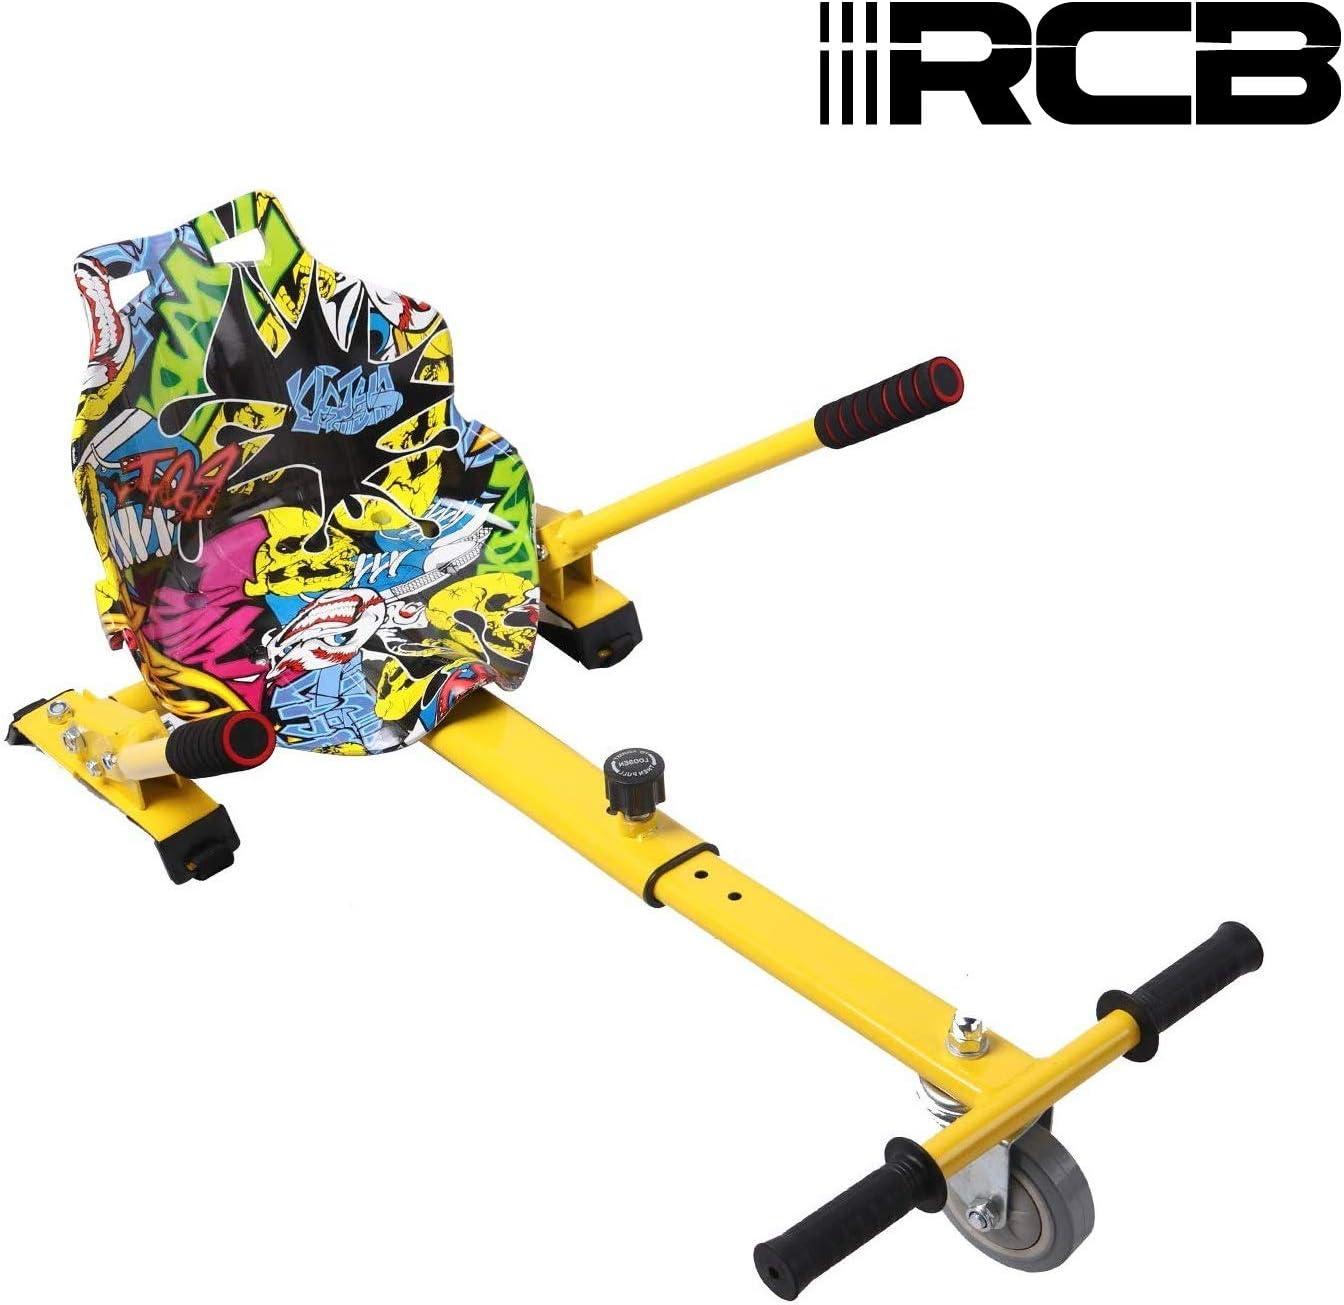 RCB Hoverkart para Patinete eléctrico Asiento Kart para Self Balancing Scooter Longitud Ajustable, Compatible con Todos los patinetes - 6.5/8 / 8.5/10 Pulgadas